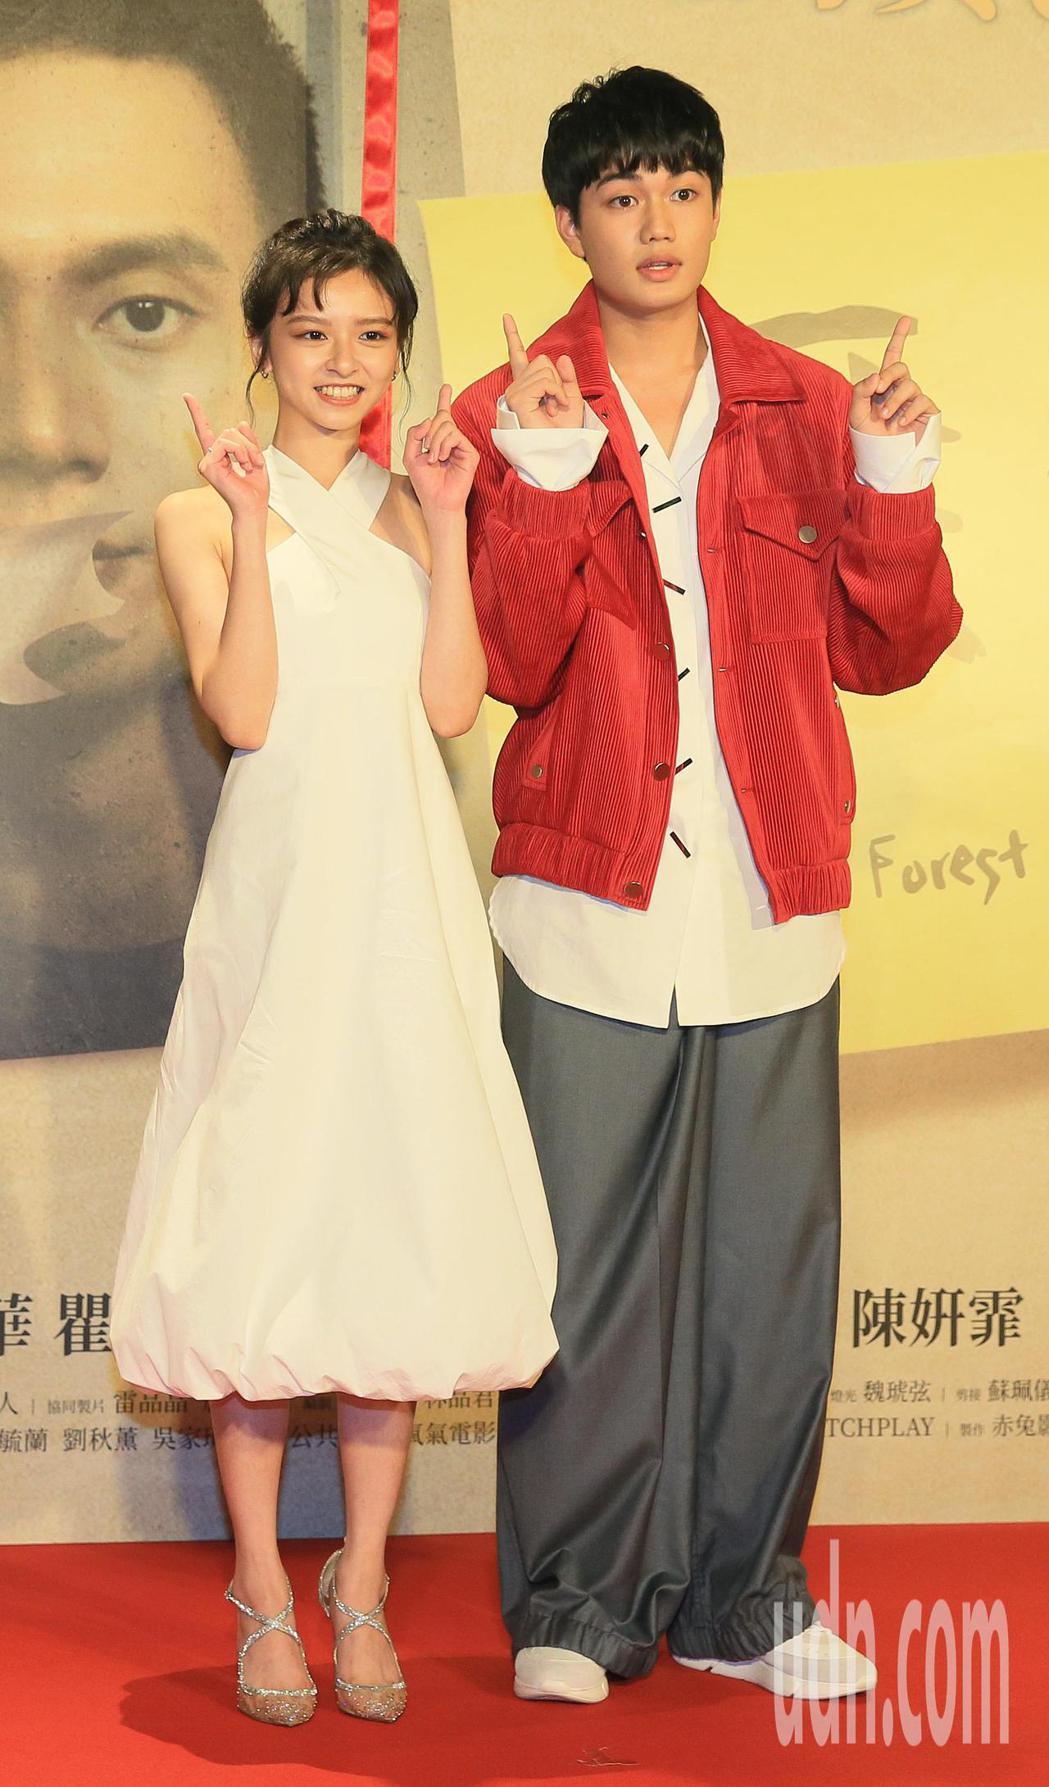 「無聲」今晚首映,男女主角劉子銓(右)及陳妍霏(左)出席。記者潘俊宏/攝影